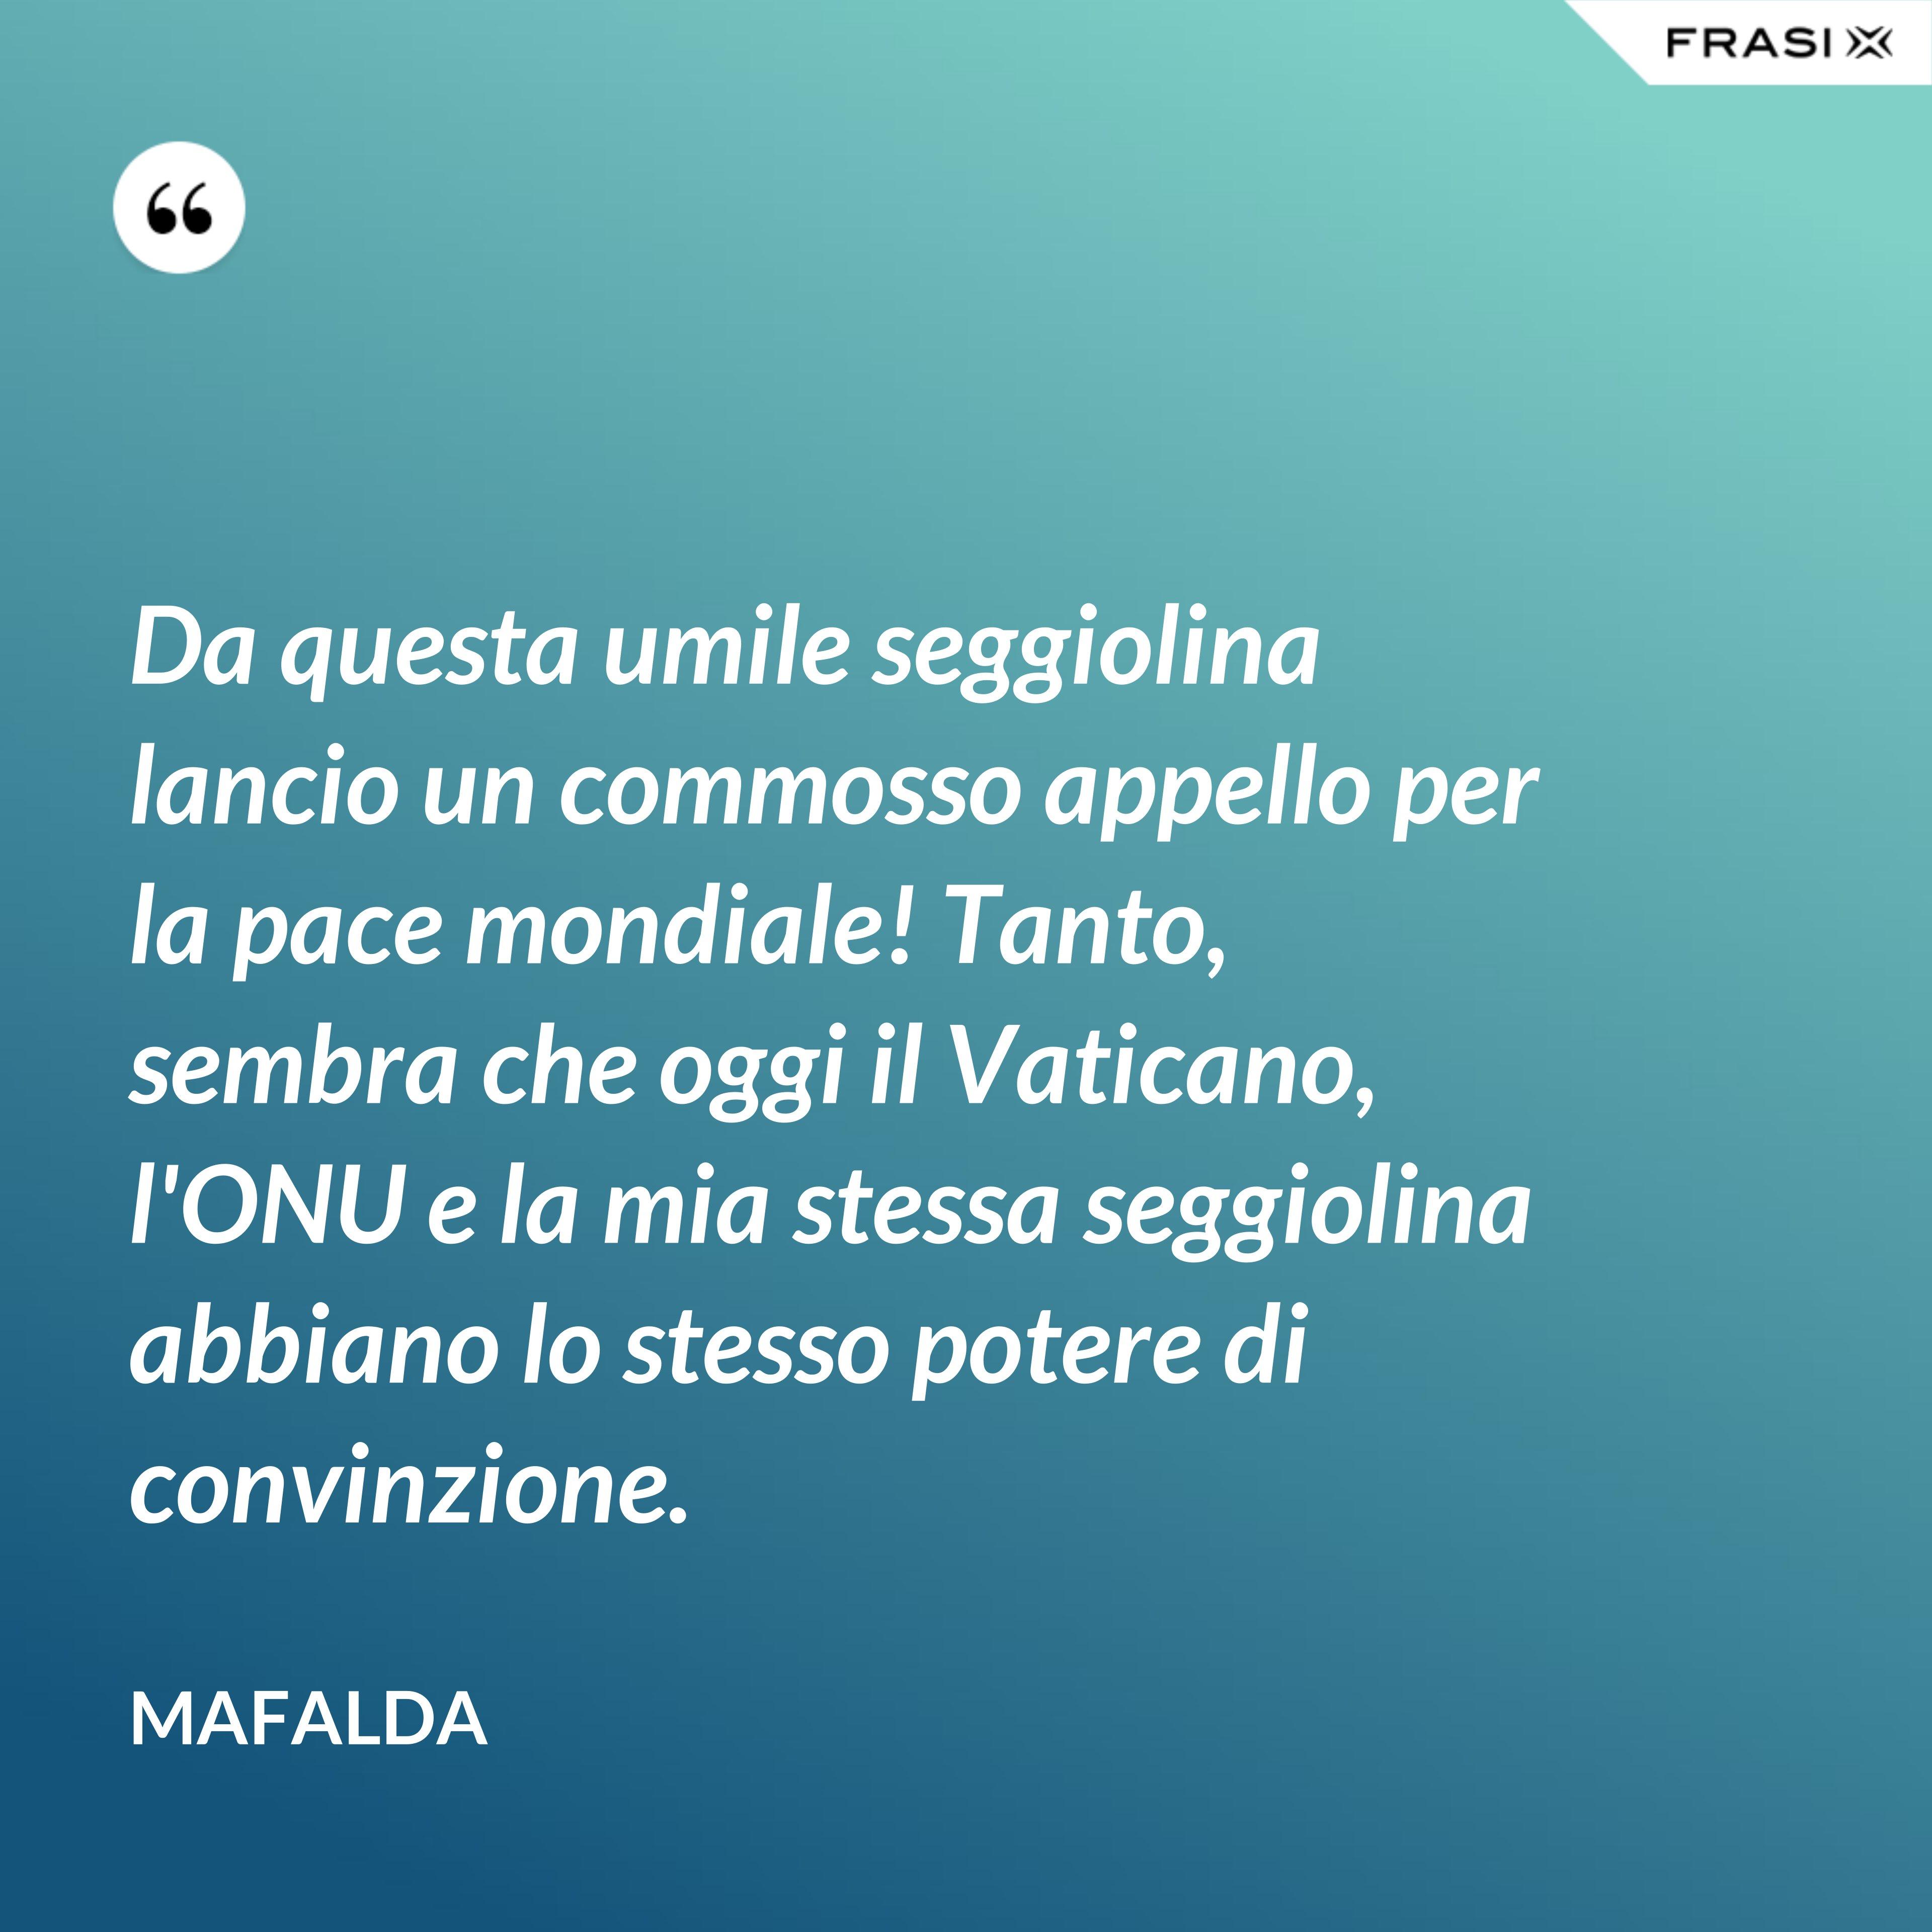 Da questa umile seggiolina lancio un commosso appello per la pace mondiale! Tanto, sembra che oggi il Vaticano, l'ONU e la mia stessa seggiolina abbiano lo stesso potere di convinzione. - Mafalda